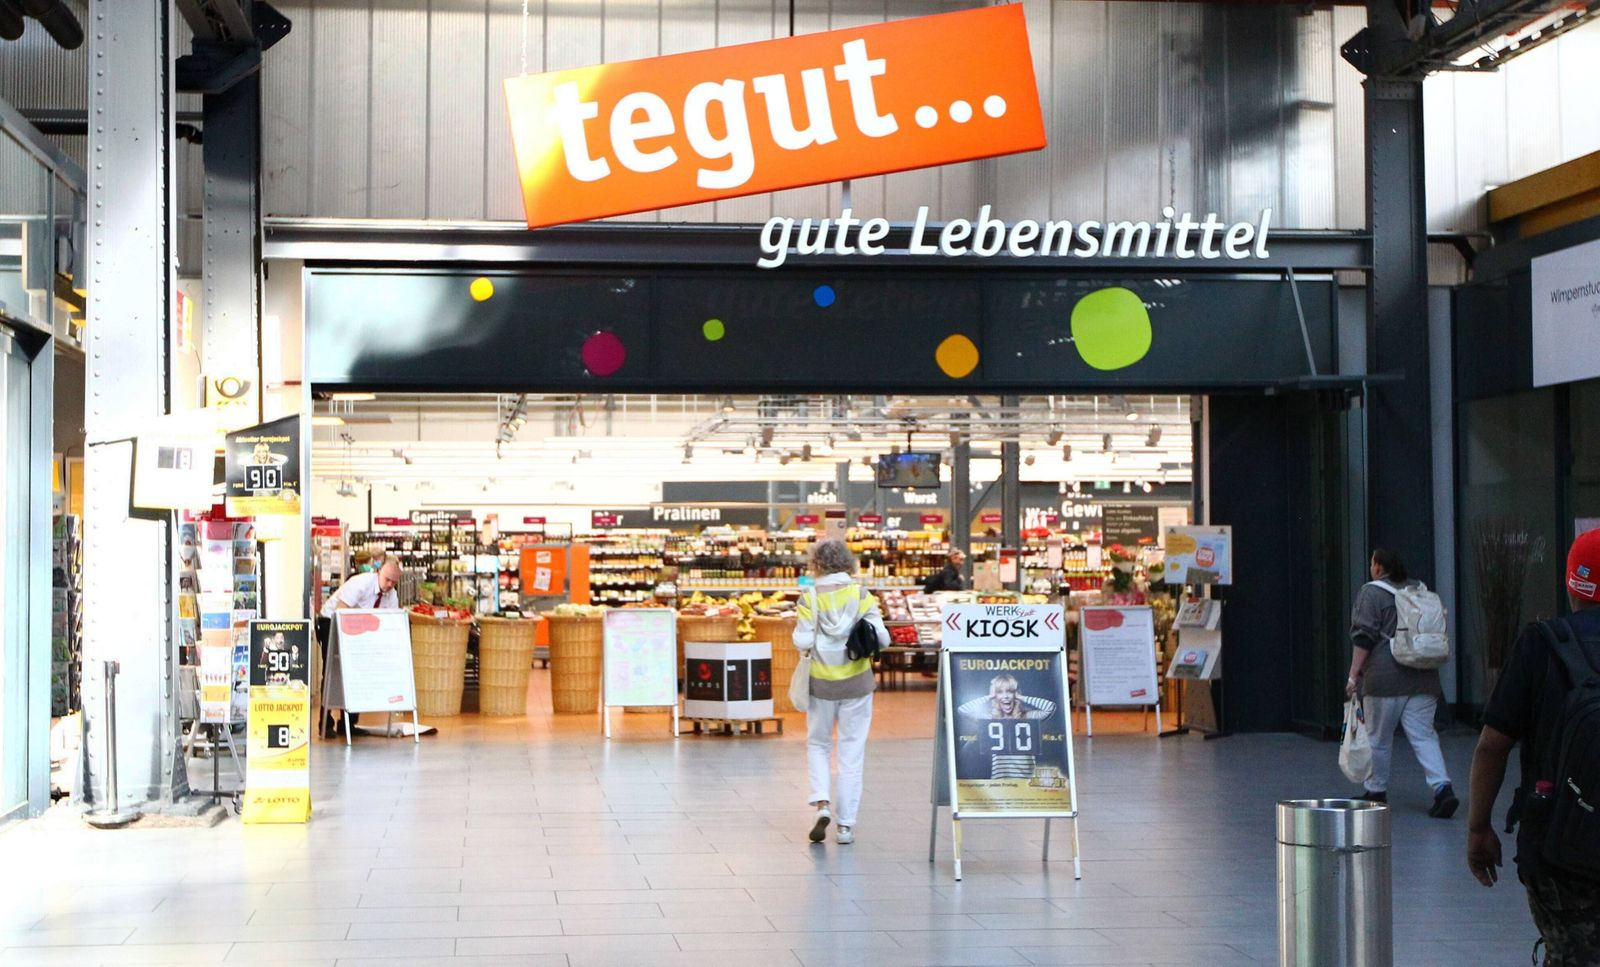 Hessen MaÔ¨ nahmen in der Coronakrise Ein wiedererÀ‹ffneter Lebensmittelladen der Kette tegut Lockerungen und MaÔ¨ nahm